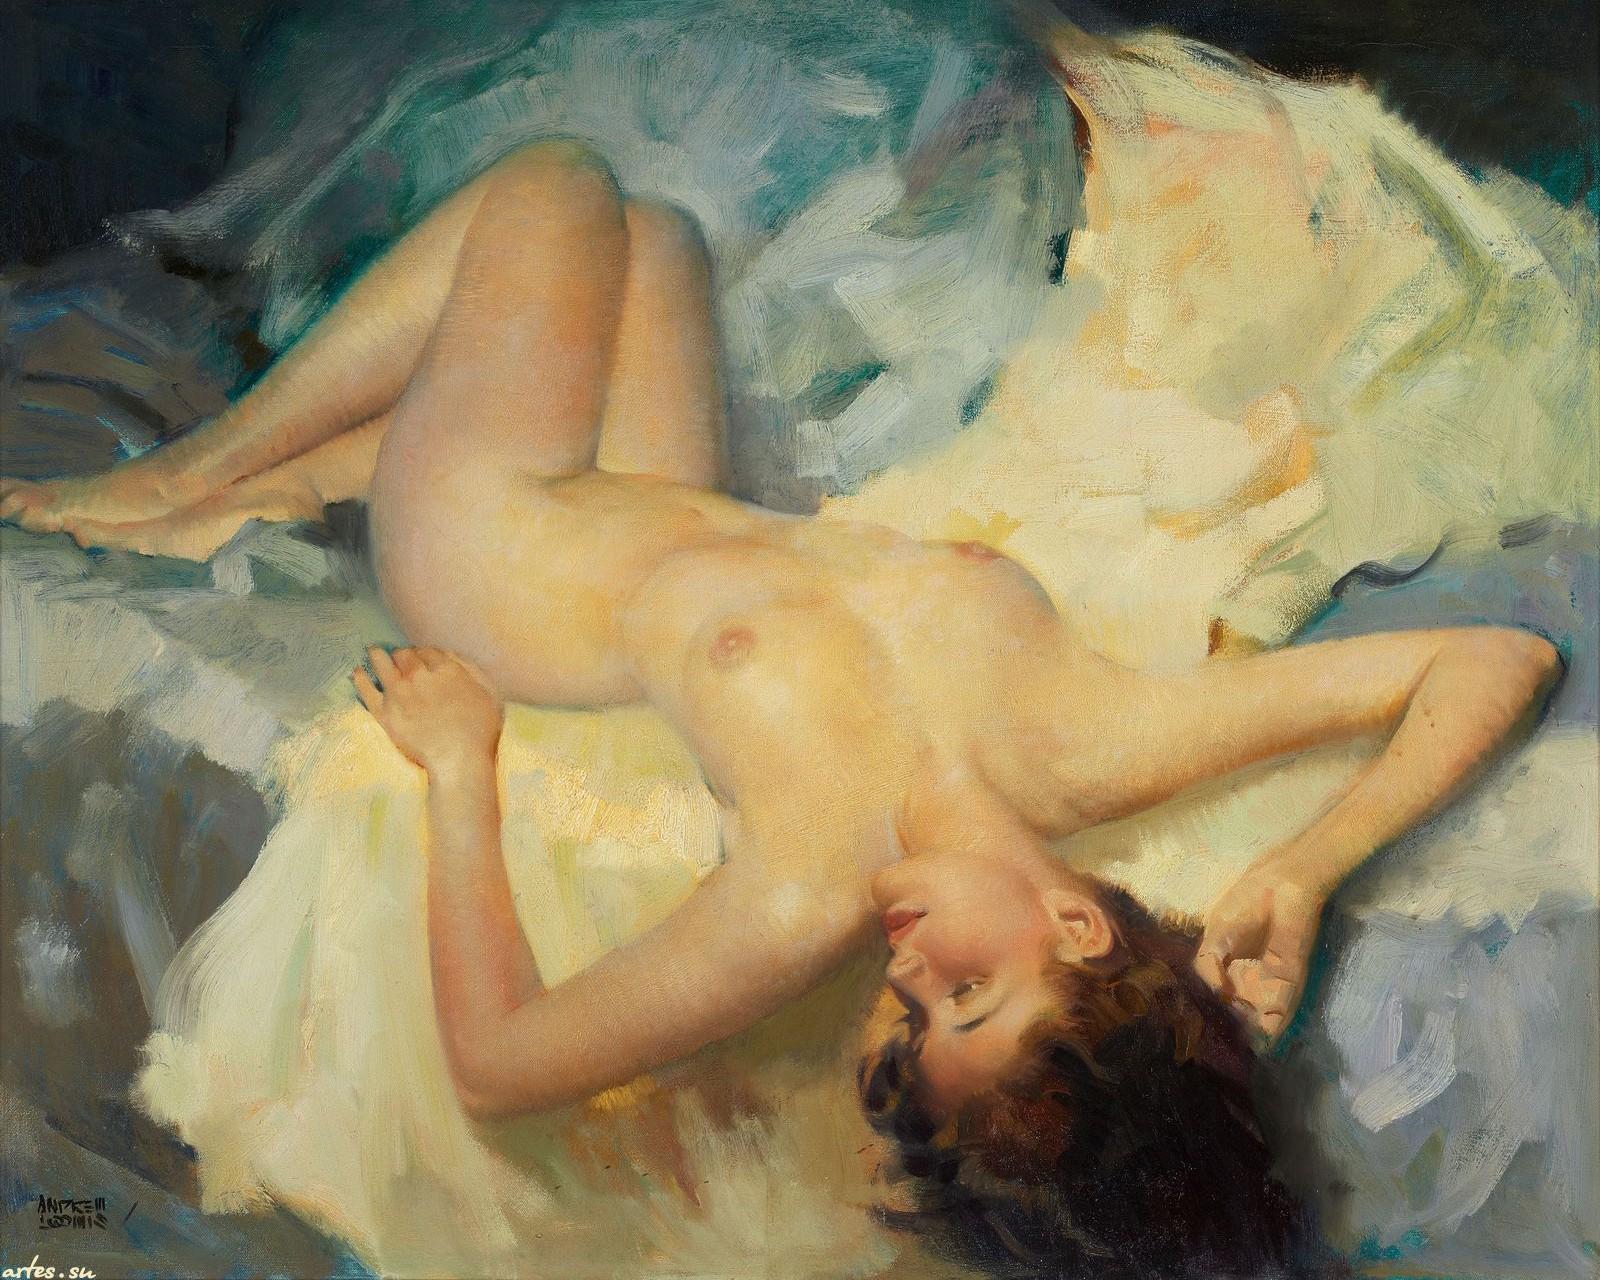 Художники рисуют голых девушек 6 фотография